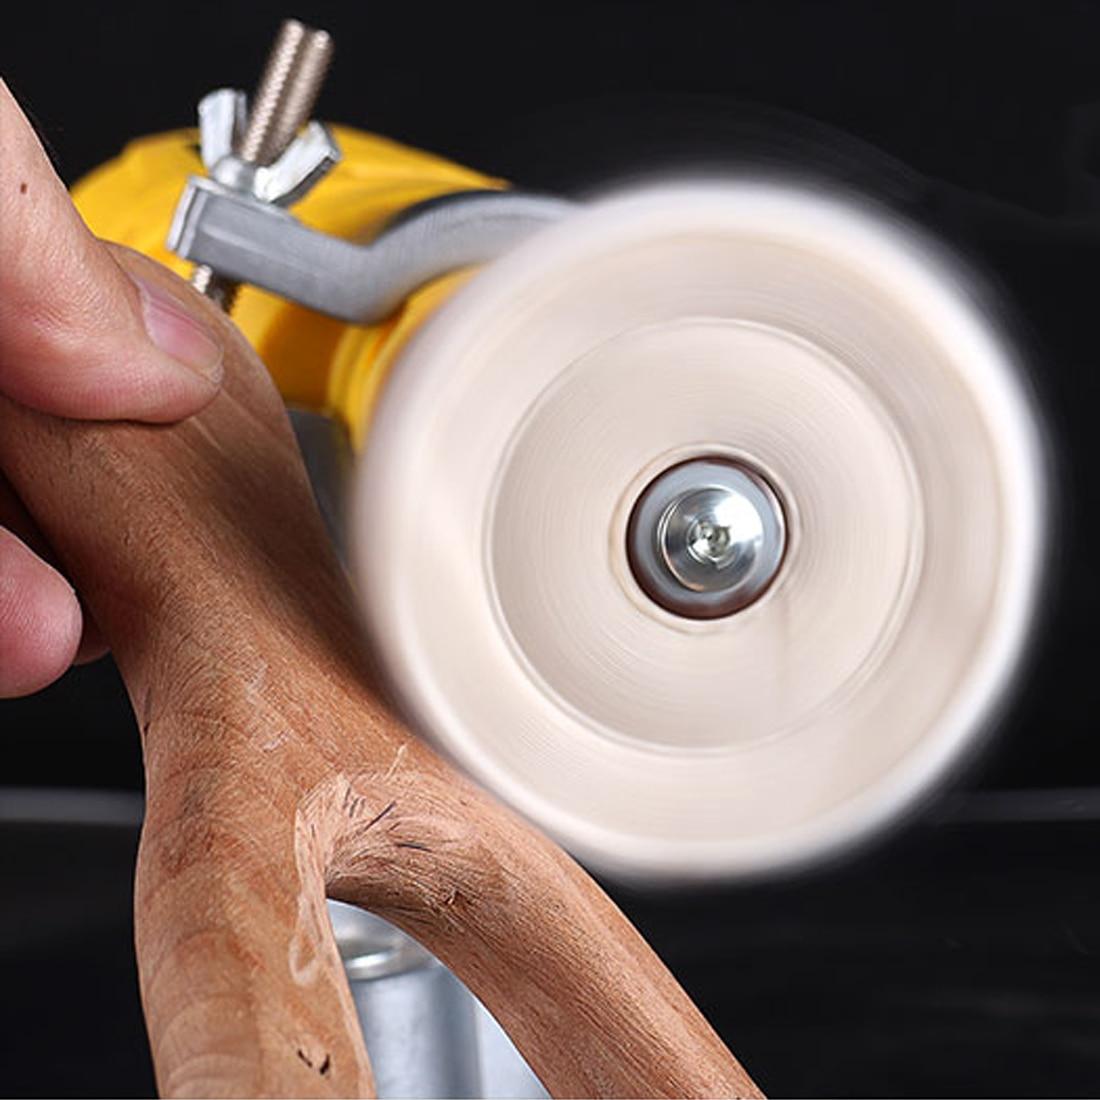 2–12 colių ratai poliravimo rato medvilninio pūkinio audinio poliravimo ratukas aukso sidabro papuošalų veidrodžių poliravimo ratas